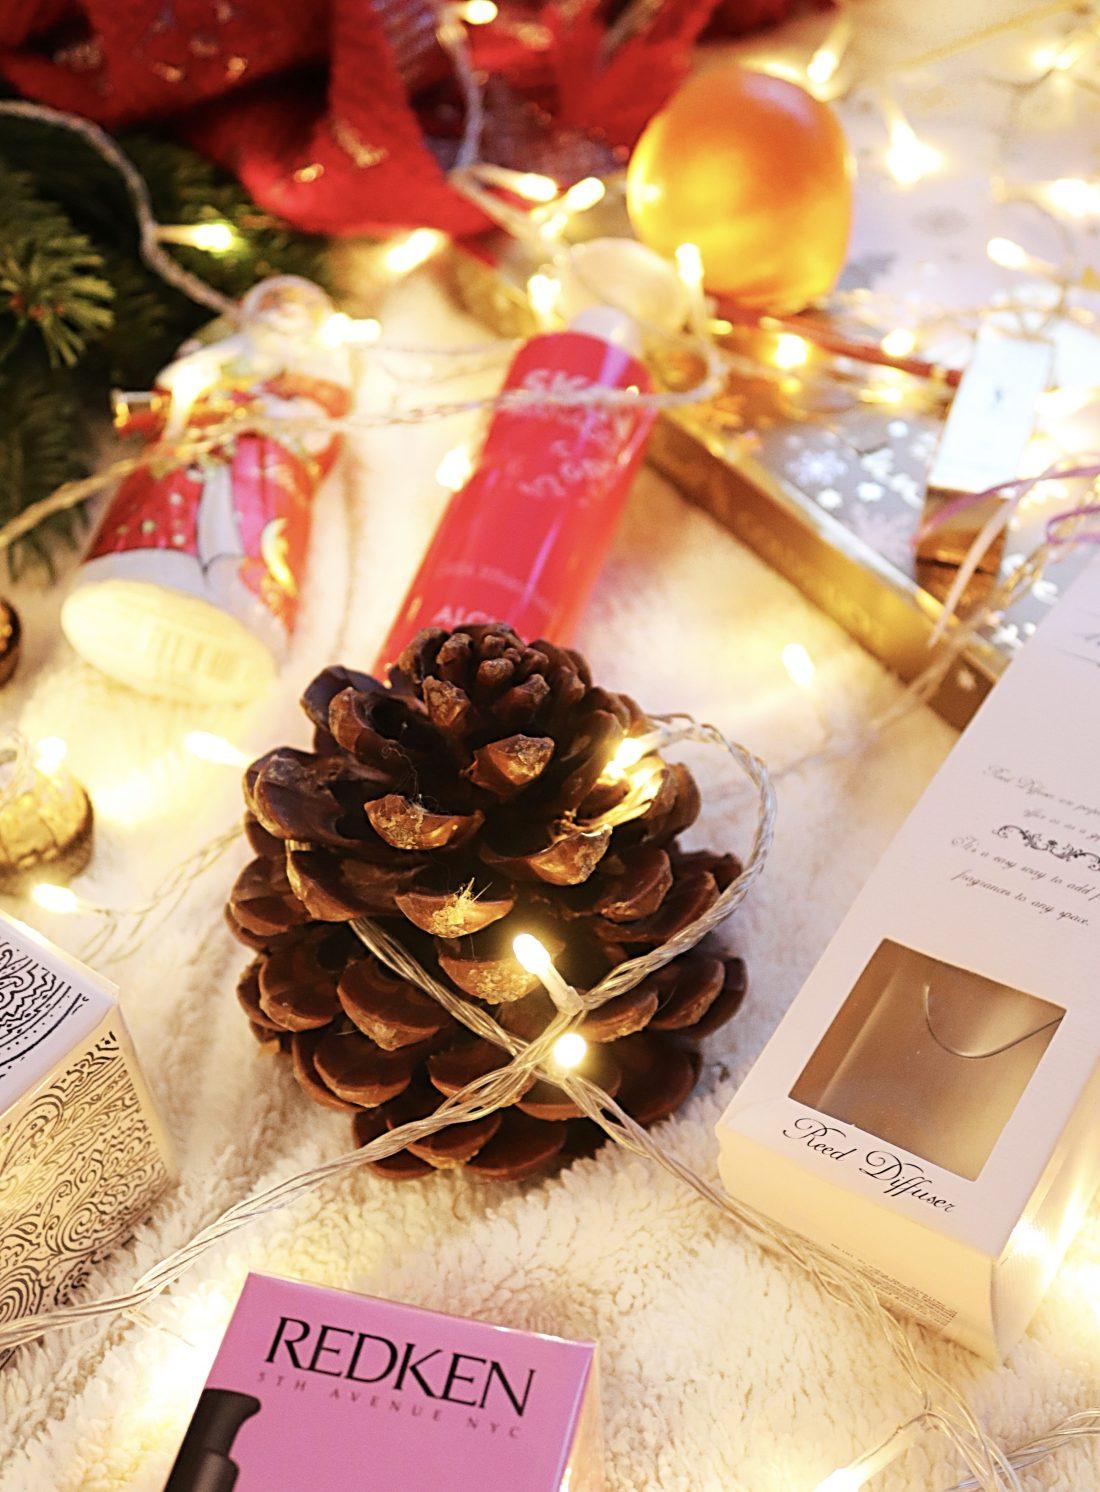 Must Have Weihnachtsgeschenke.Weihnachtsgeschenke Und Beauty Must Haves Für 2019 The Fashion Zoo